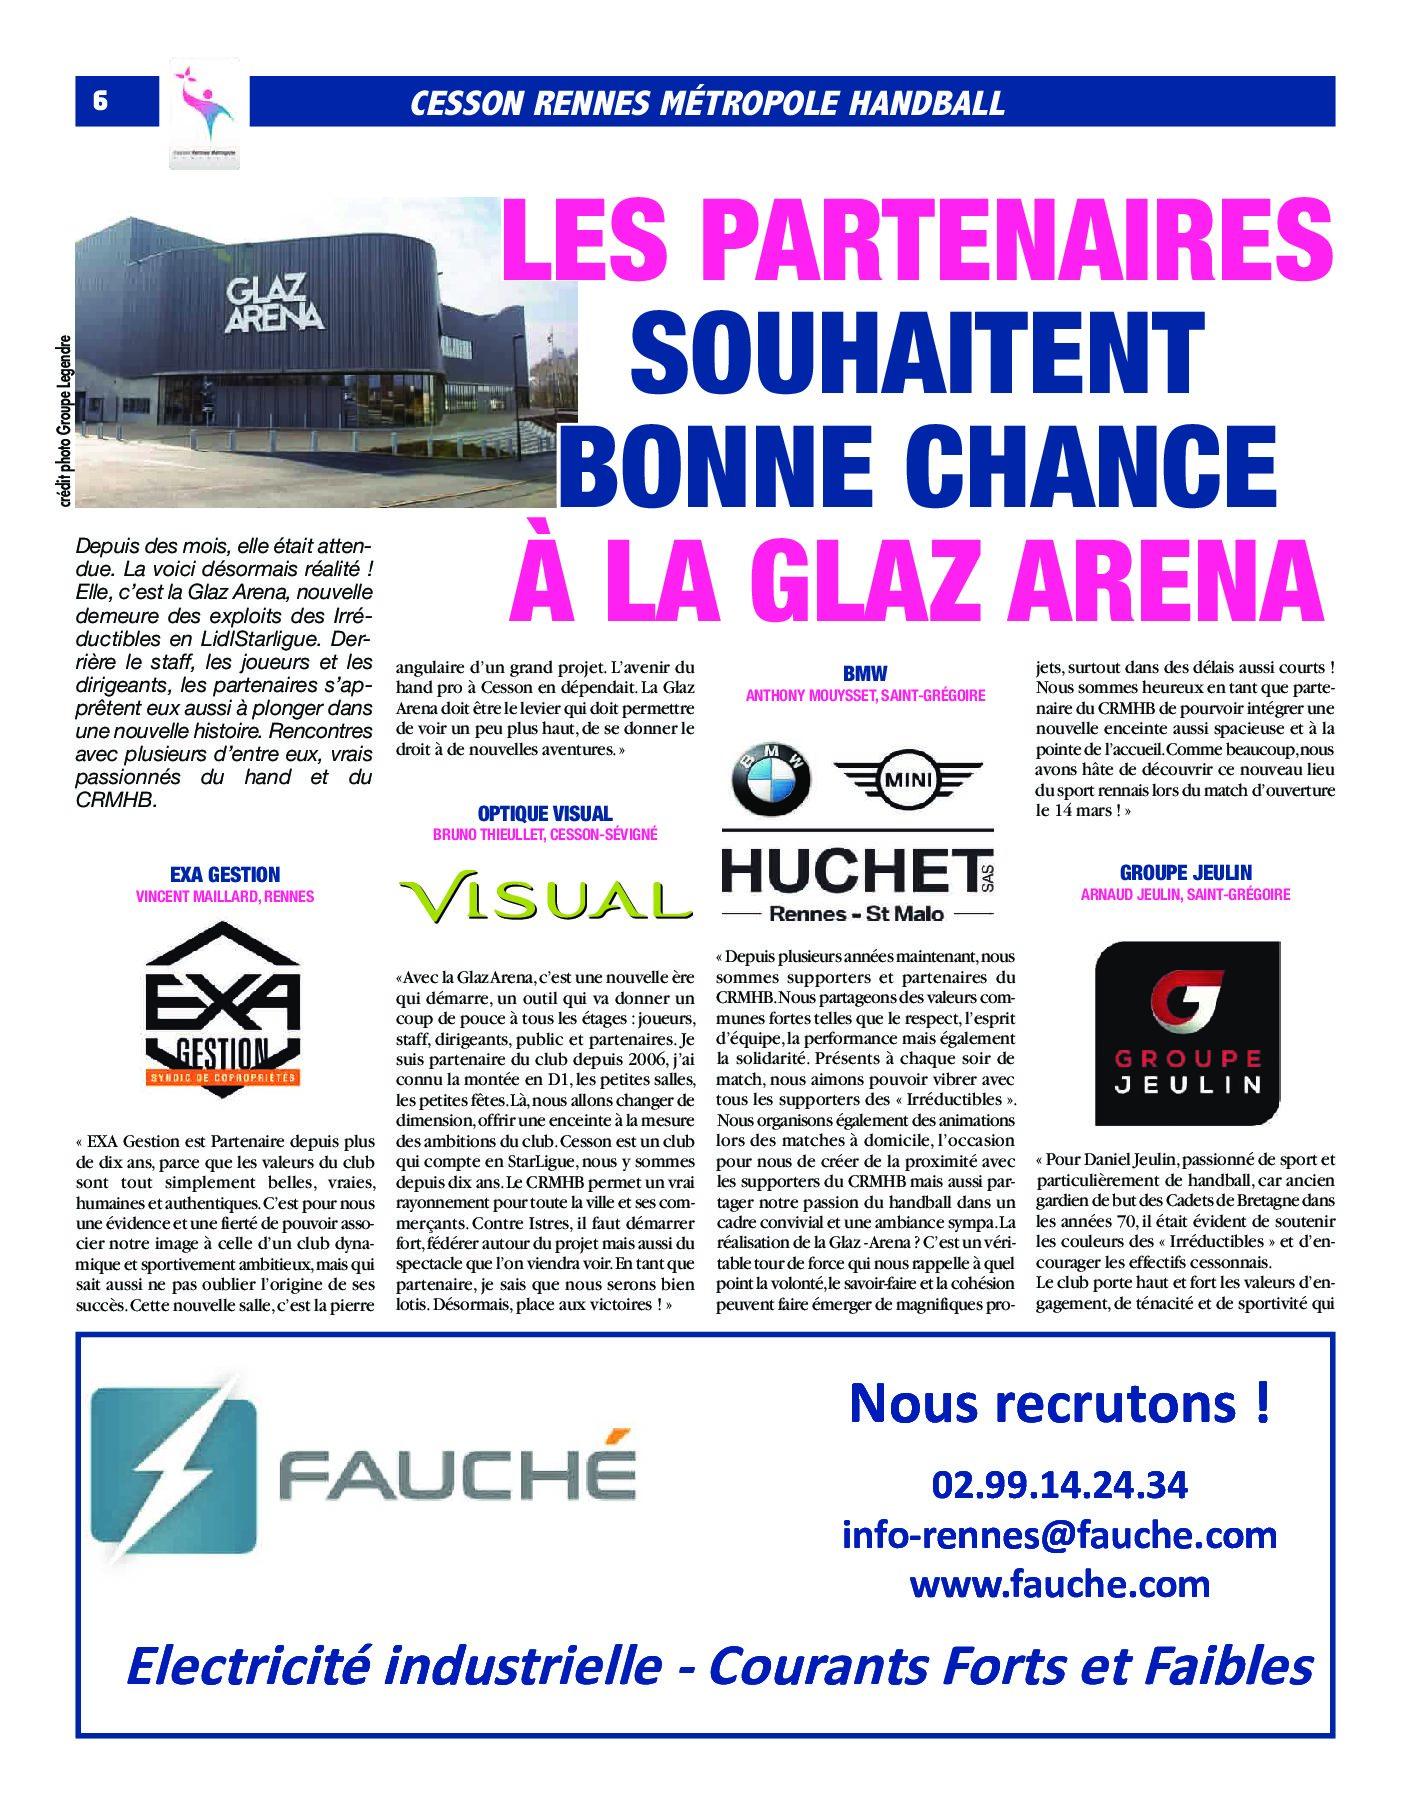 Lidl Starligue Calendrier.Les Partenaires Souhaitent Bonne Chance A La Glaz Arena